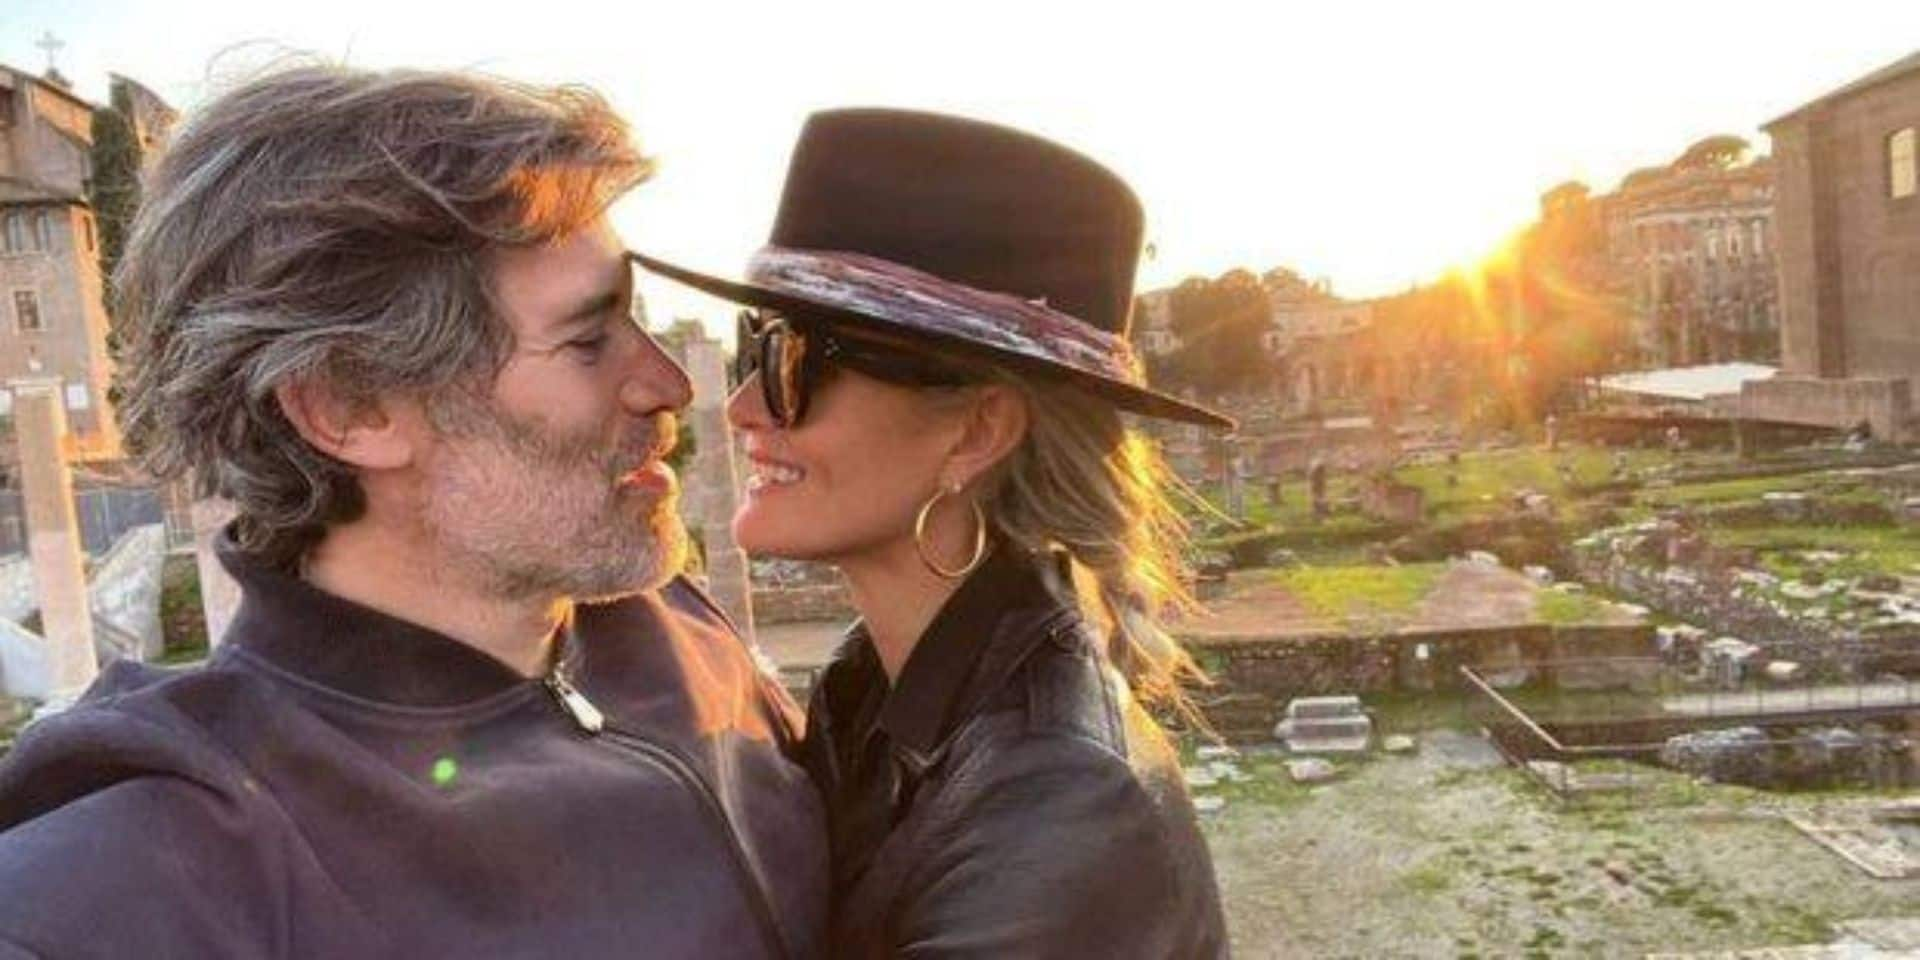 Laeticia Hallyday et Jalil Lespert: bientôt le mariage?